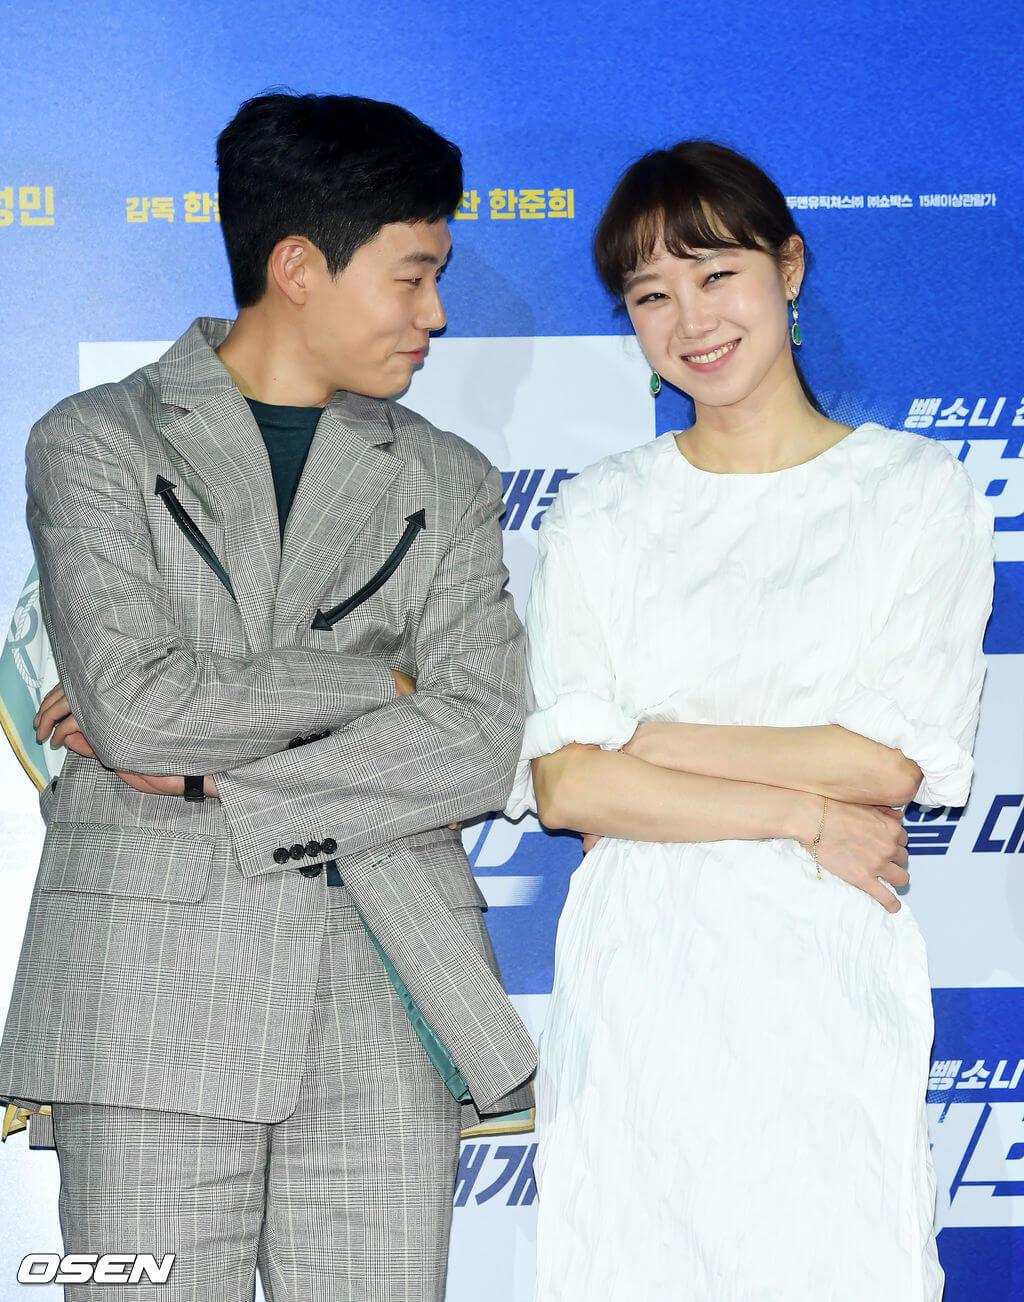 柳俊烈因戲跟拍檔孔孝真熟絡,二人衣着風格相似,常常談到時尚話題。